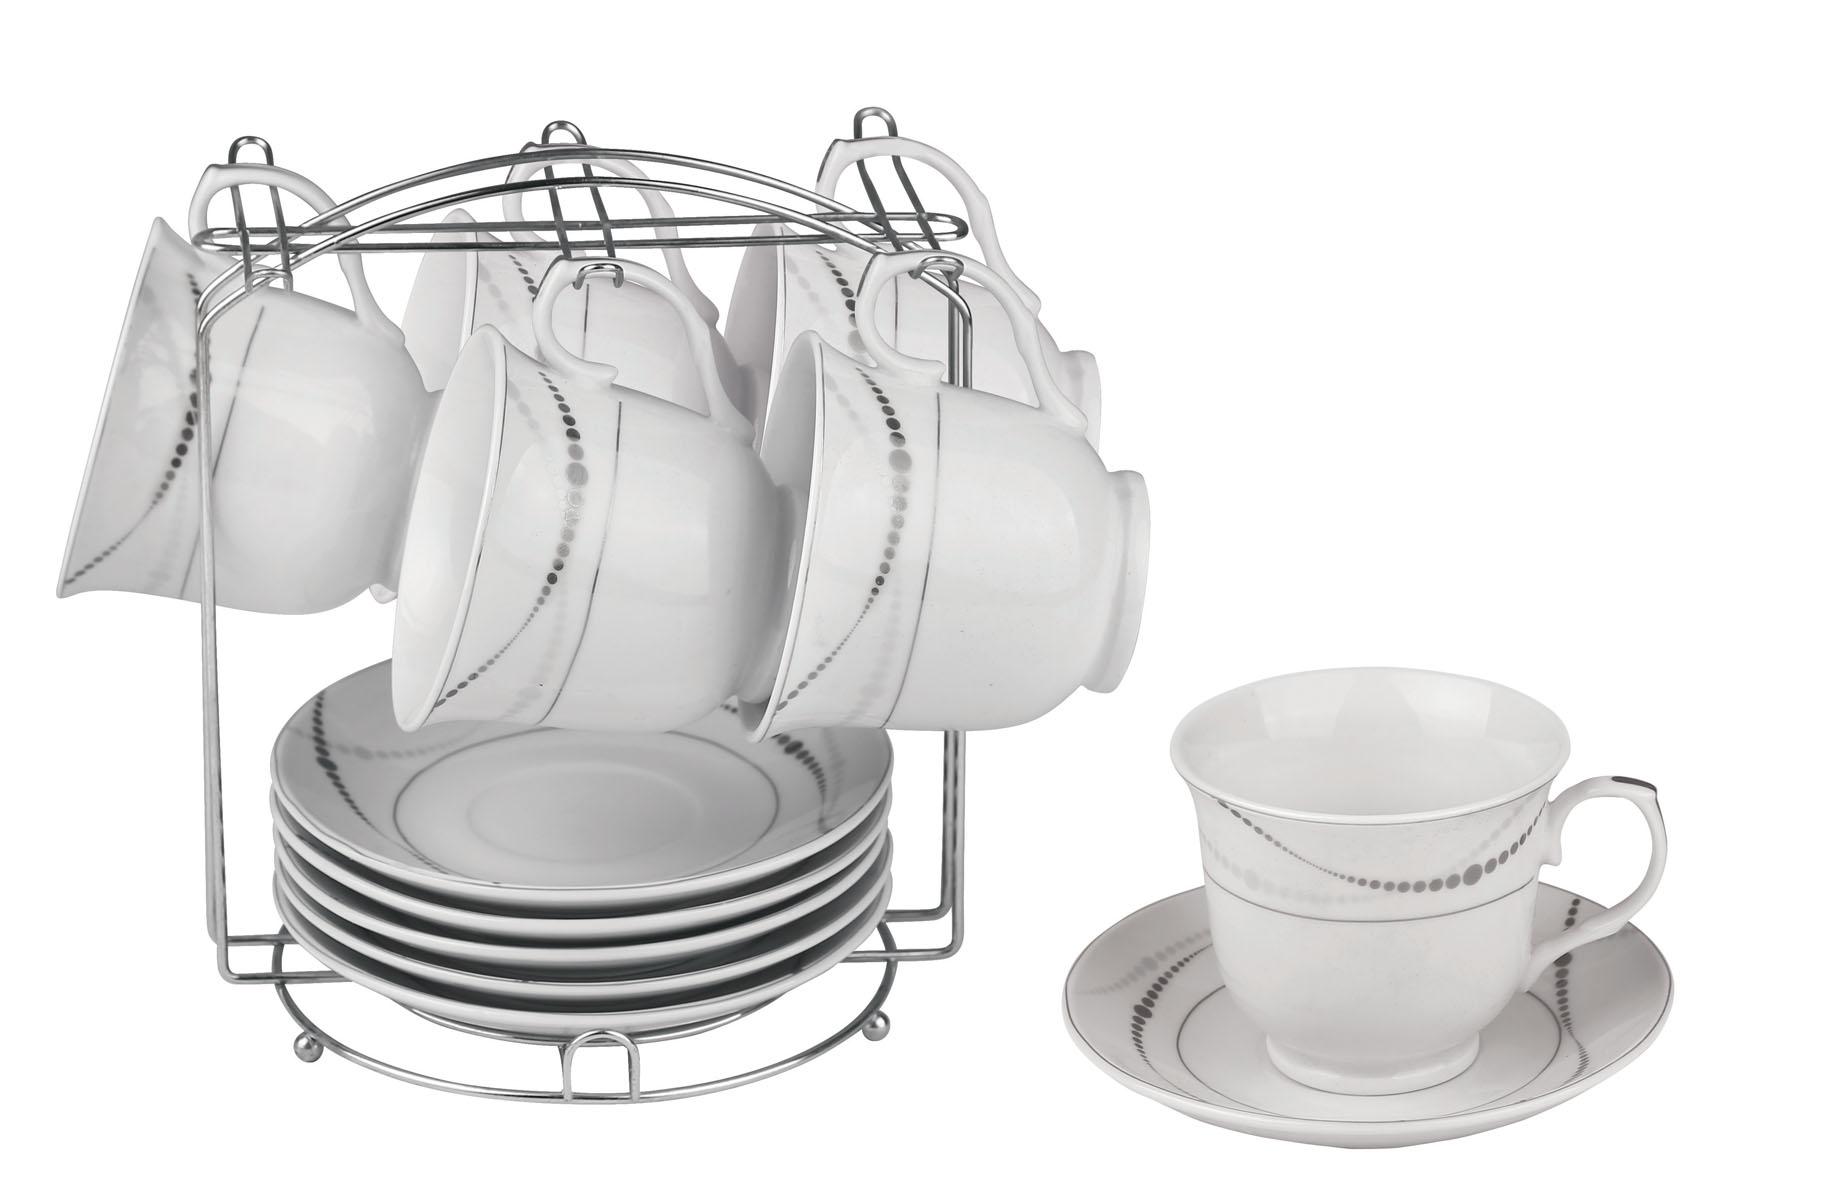 Набор чайный Bekker, 13 предметов. BK-6805BK-6805Чайный набор Bekker состоит из 6 чашек, 6 блюдец и металлической подставки. Изделия выполнены из высококачественного фарфора белого цвета, украшенного изящными узорами серебристой эмалью. Для предметов набора предусмотрена специальная металлическая подставка с крючками для чашек и подставкой для блюдец. Изящный чайный набор прекрасно оформит стол к чаепитию и станет замечательным подарком для любой хозяйки. Можно мыть в посудомоечной машине.Объем чашки: 220 мл. Диаметр чашки (по верхнему краю): 9 см. Высота чашки: 7,5 см. Диаметр блюдца: 14 см.